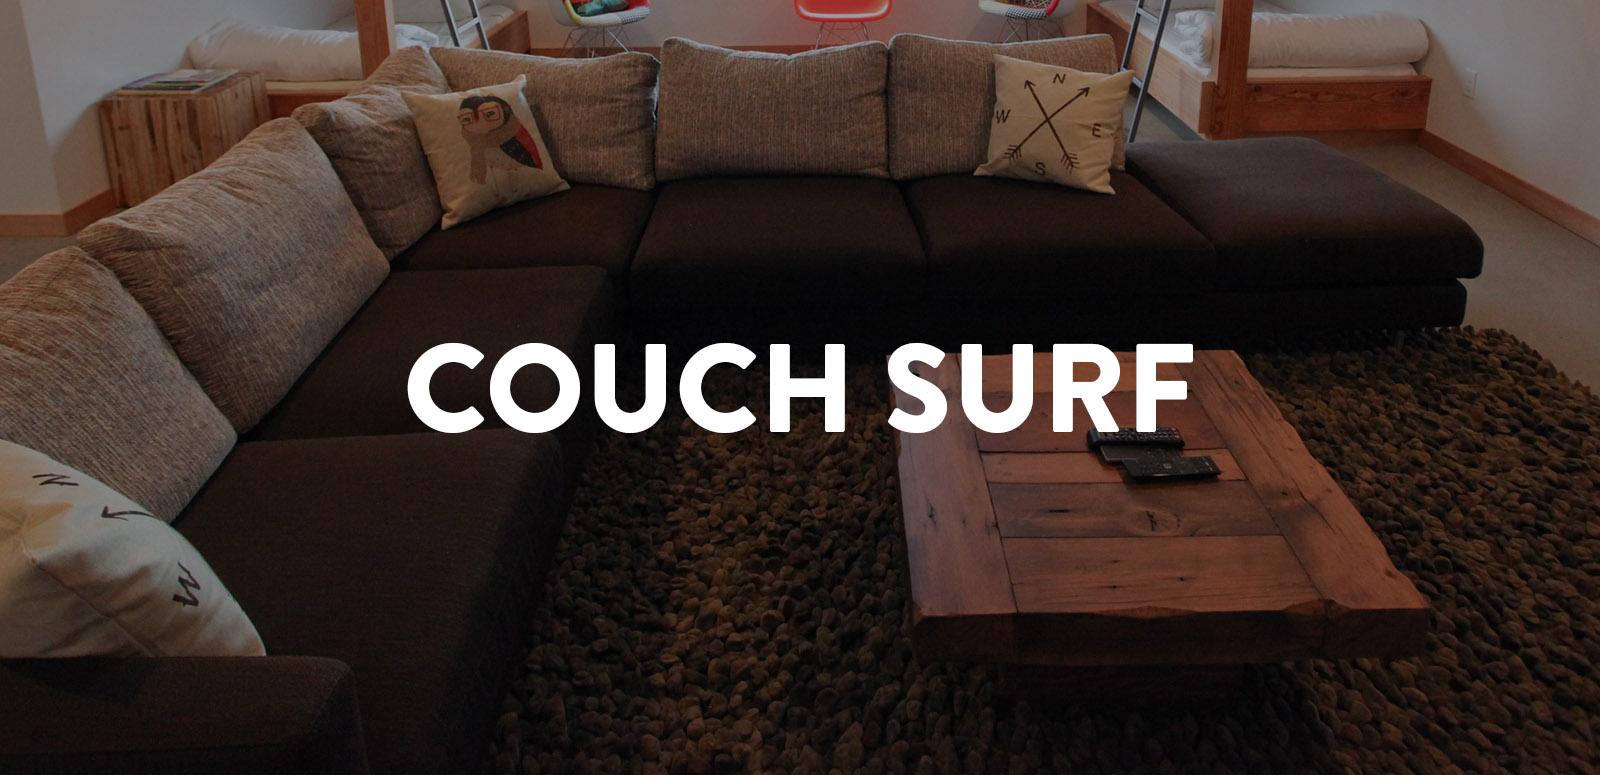 couchsurf CASCADE WORKSHOP